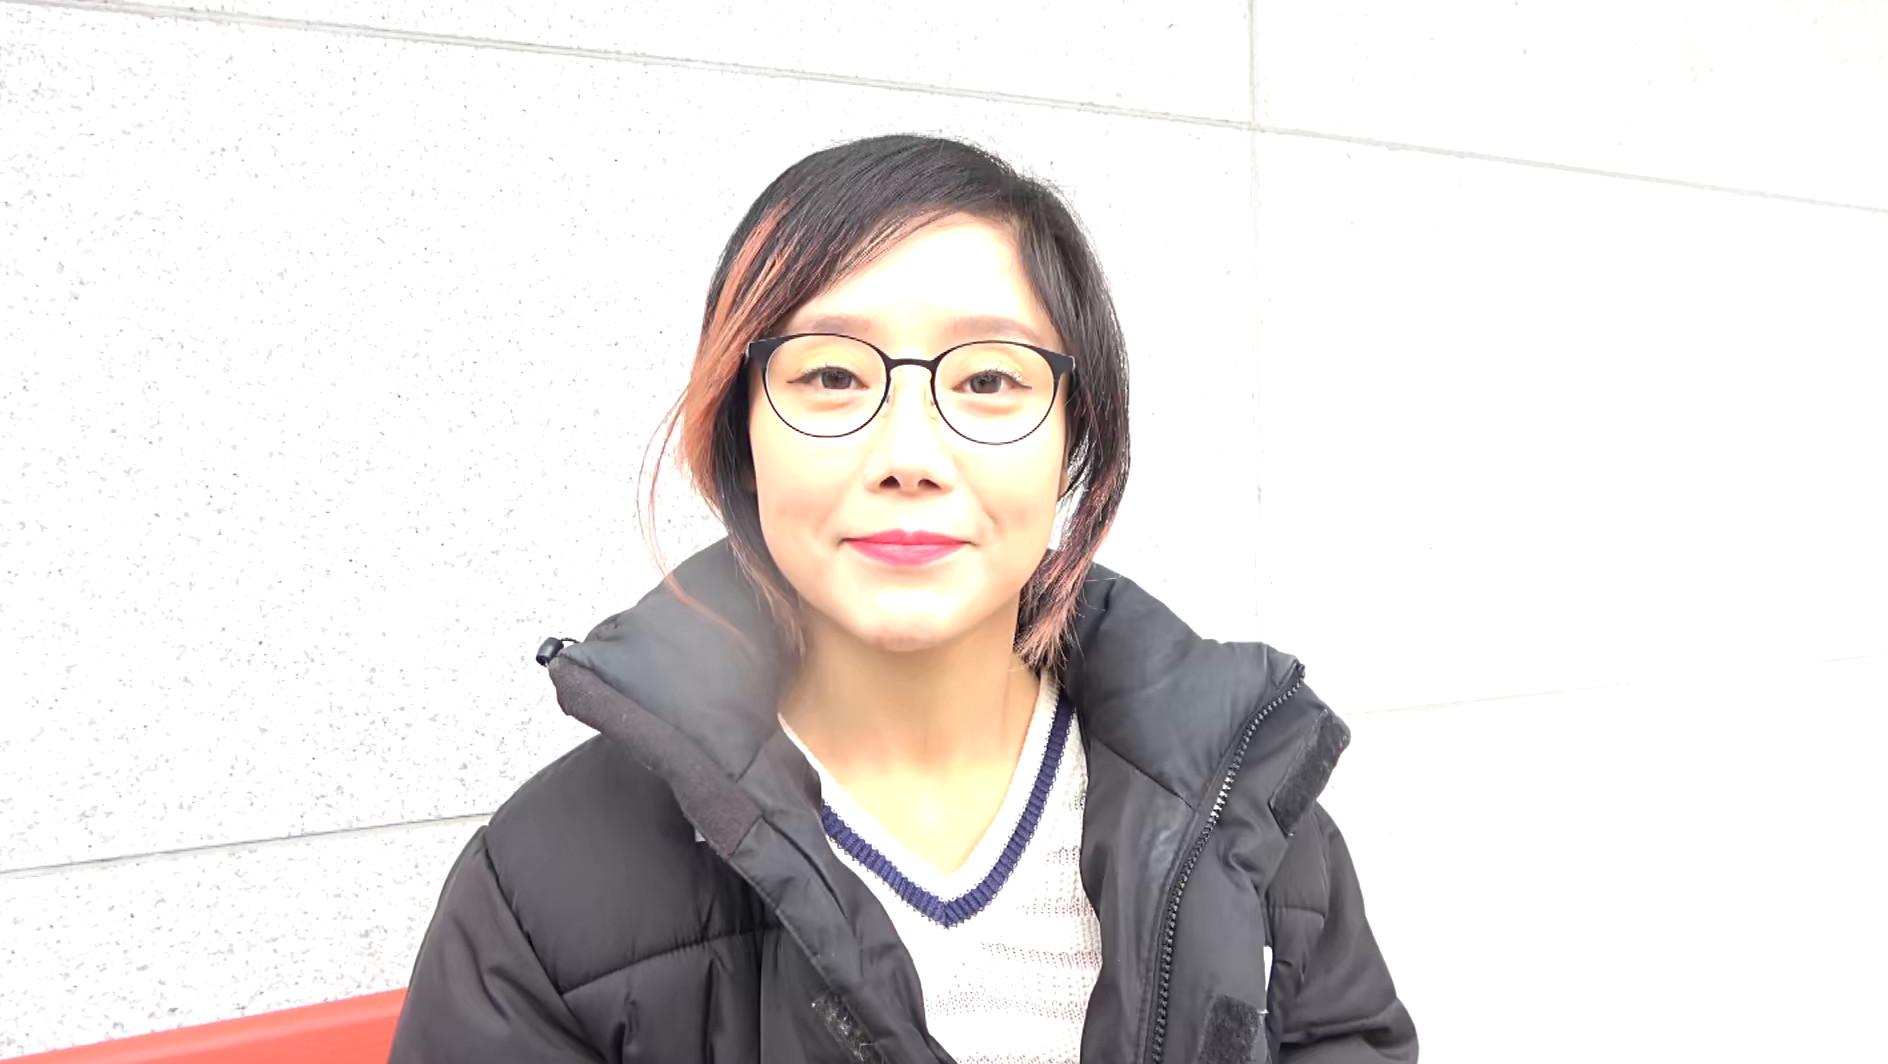 韓国で見つけた見た目から従順そうな彼女は、どこまでヤラれても無垢な希少種!服を脱がされても信じて疑わない!電マでトロンとさせればチ〇ポもしゃぶる! 画像1